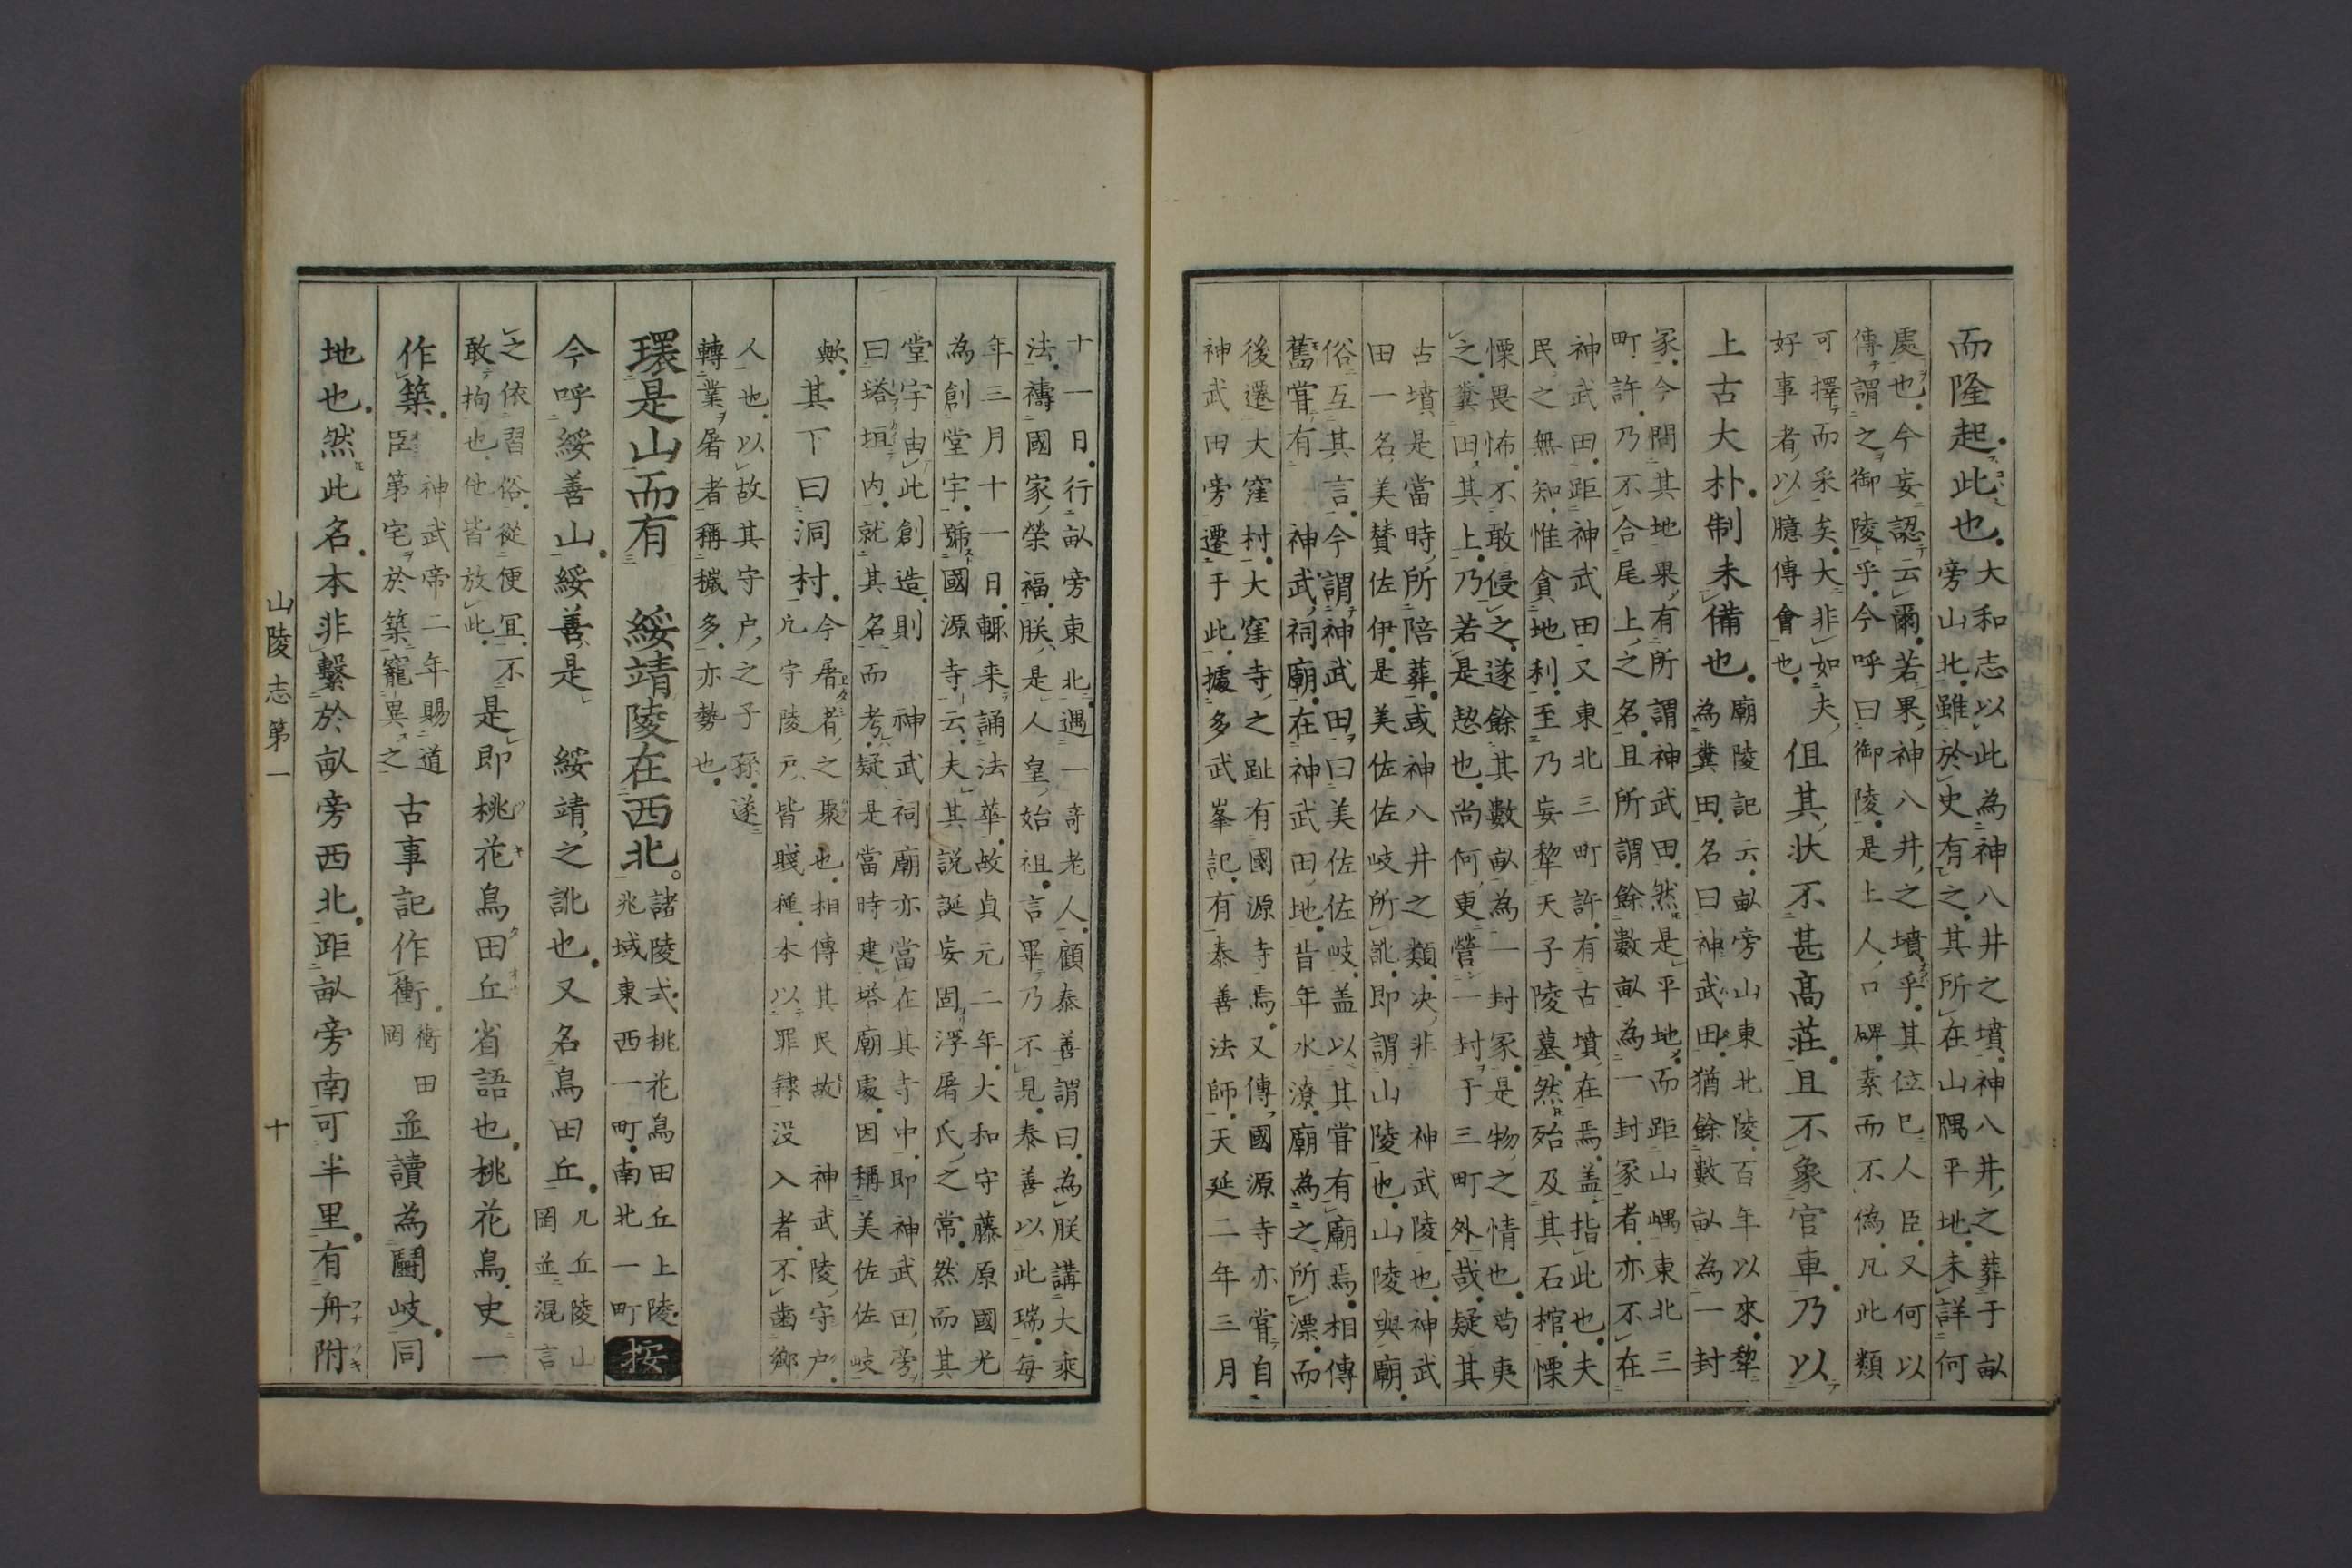 http://archive.wul.waseda.ac.jp/kosho/ru03/ru03_00389/ru03_00389_p0011.jpg